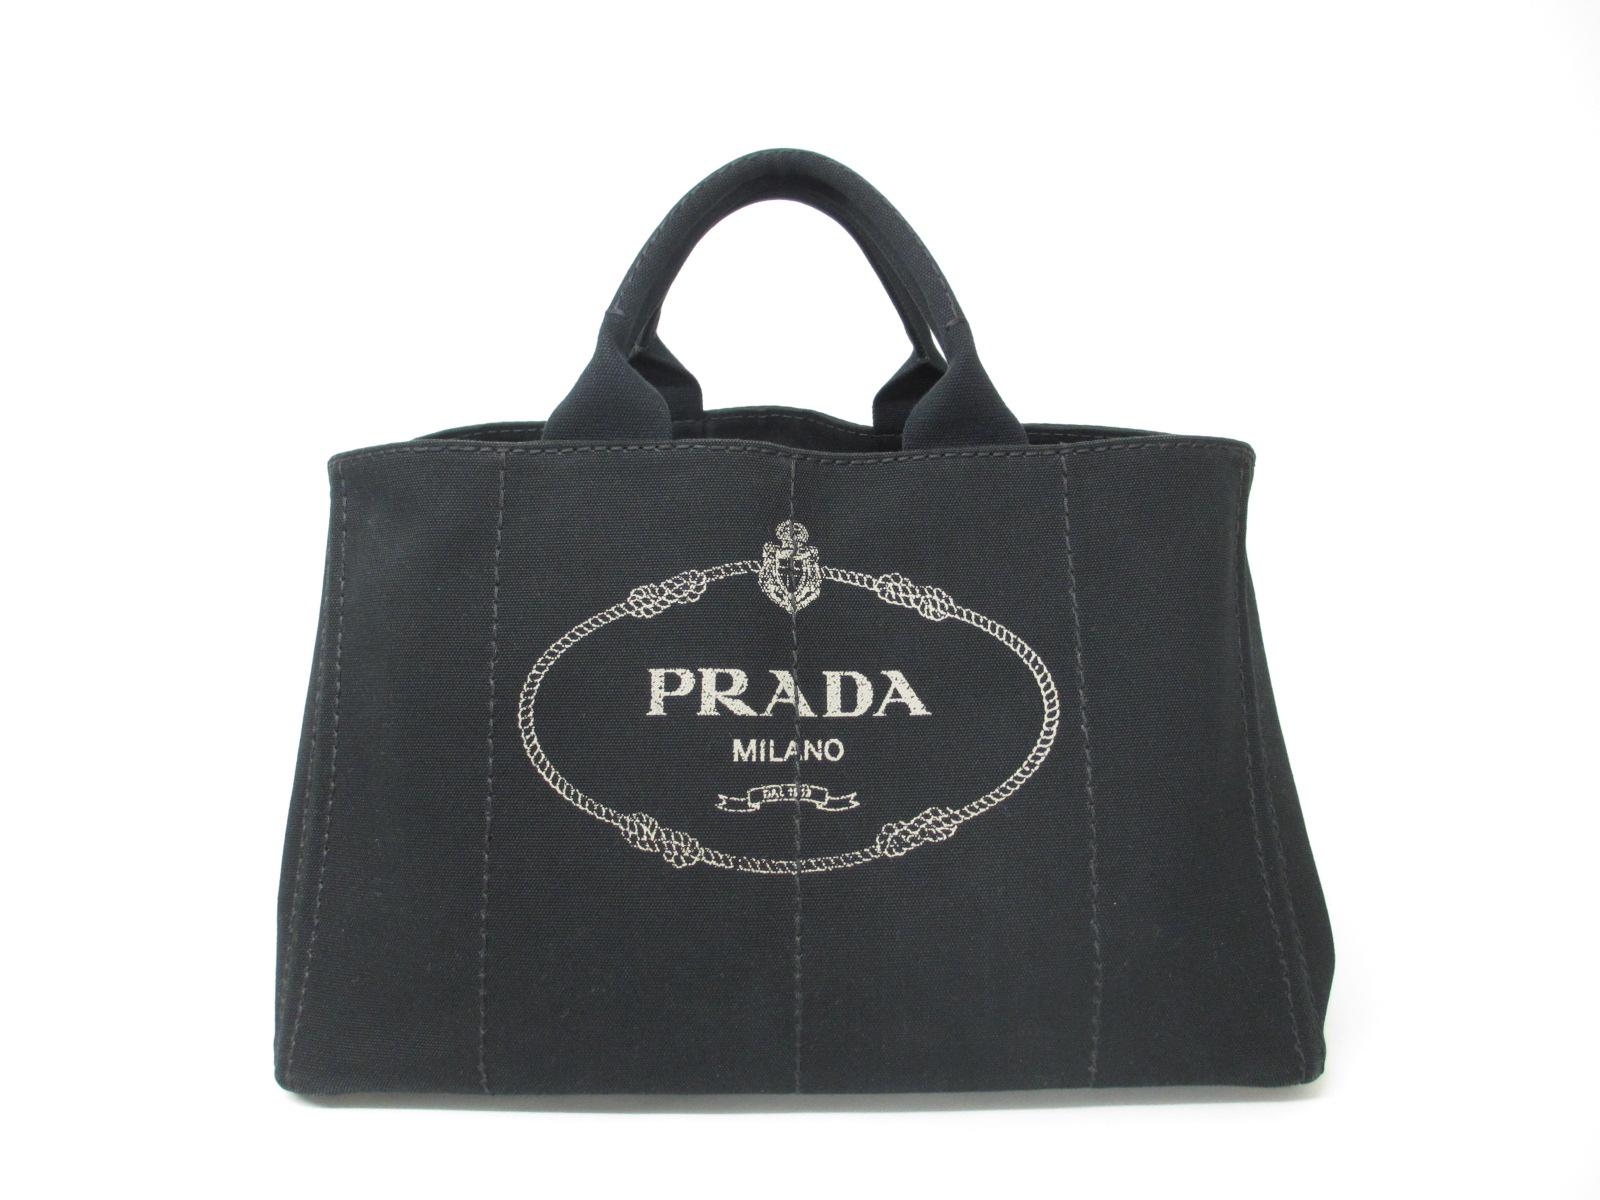 PRADA プラダ カナパトート BN2642 キャンバス ブラック